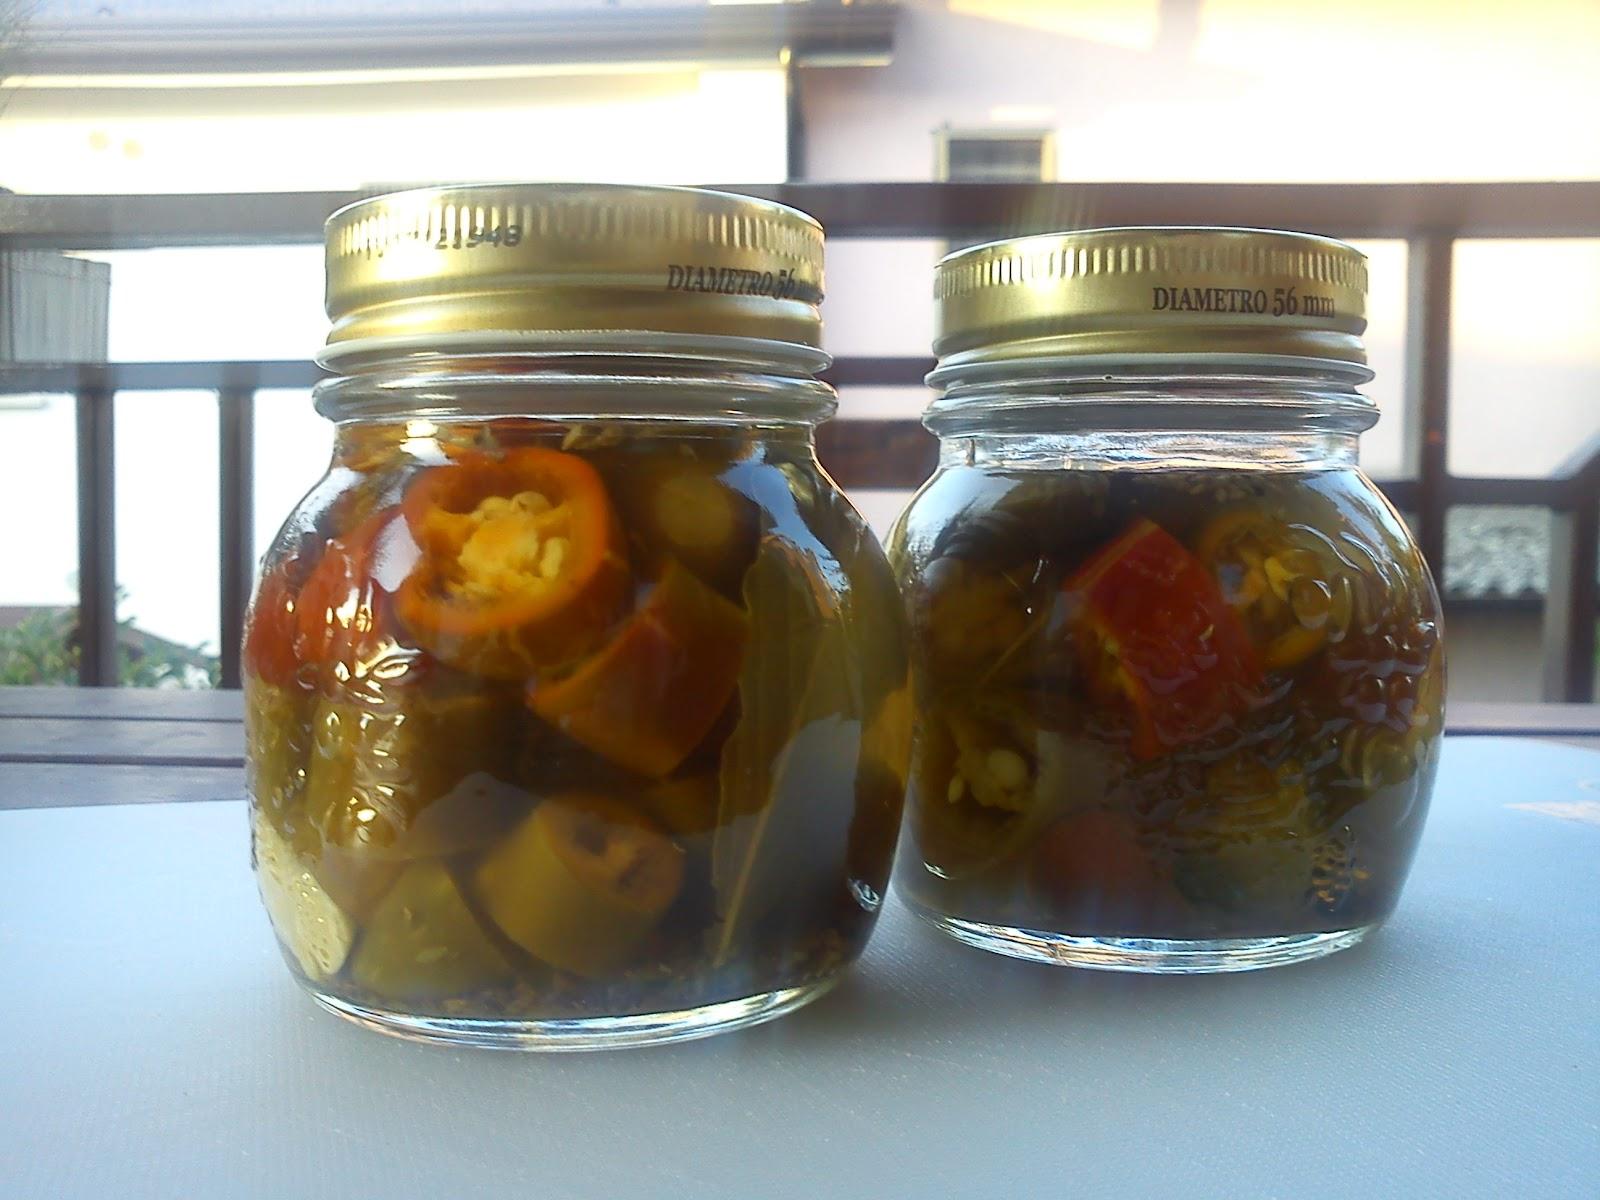 La mela stregata mi chile 2 ovvero jalapeno sotto aceto for Cucinare jalapeno